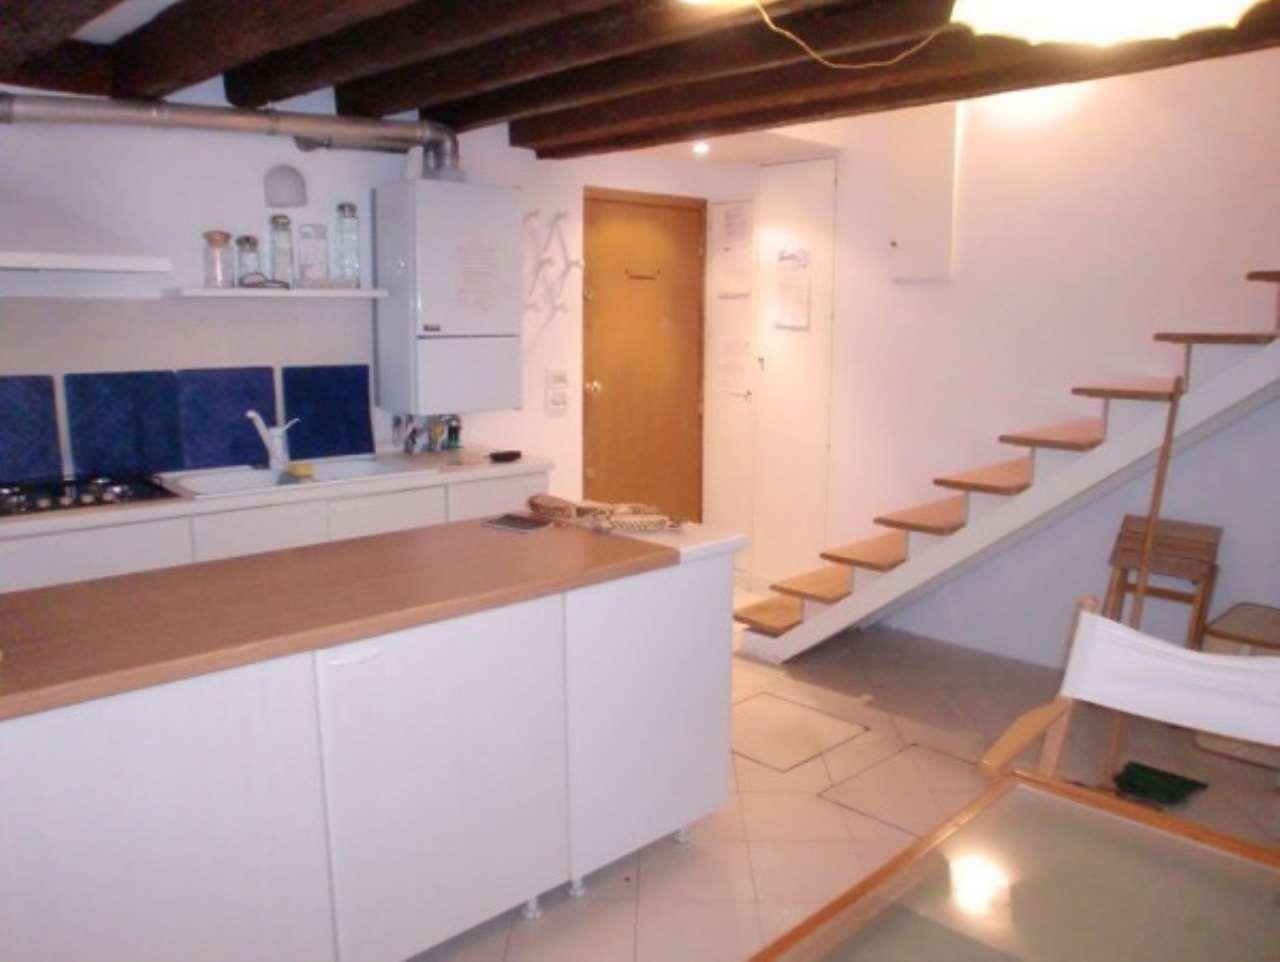 Appartamento in vendita a Venezia, 4 locali, zona Zona: 3 . Cannaregio, prezzo € 390.000 | Cambio Casa.it